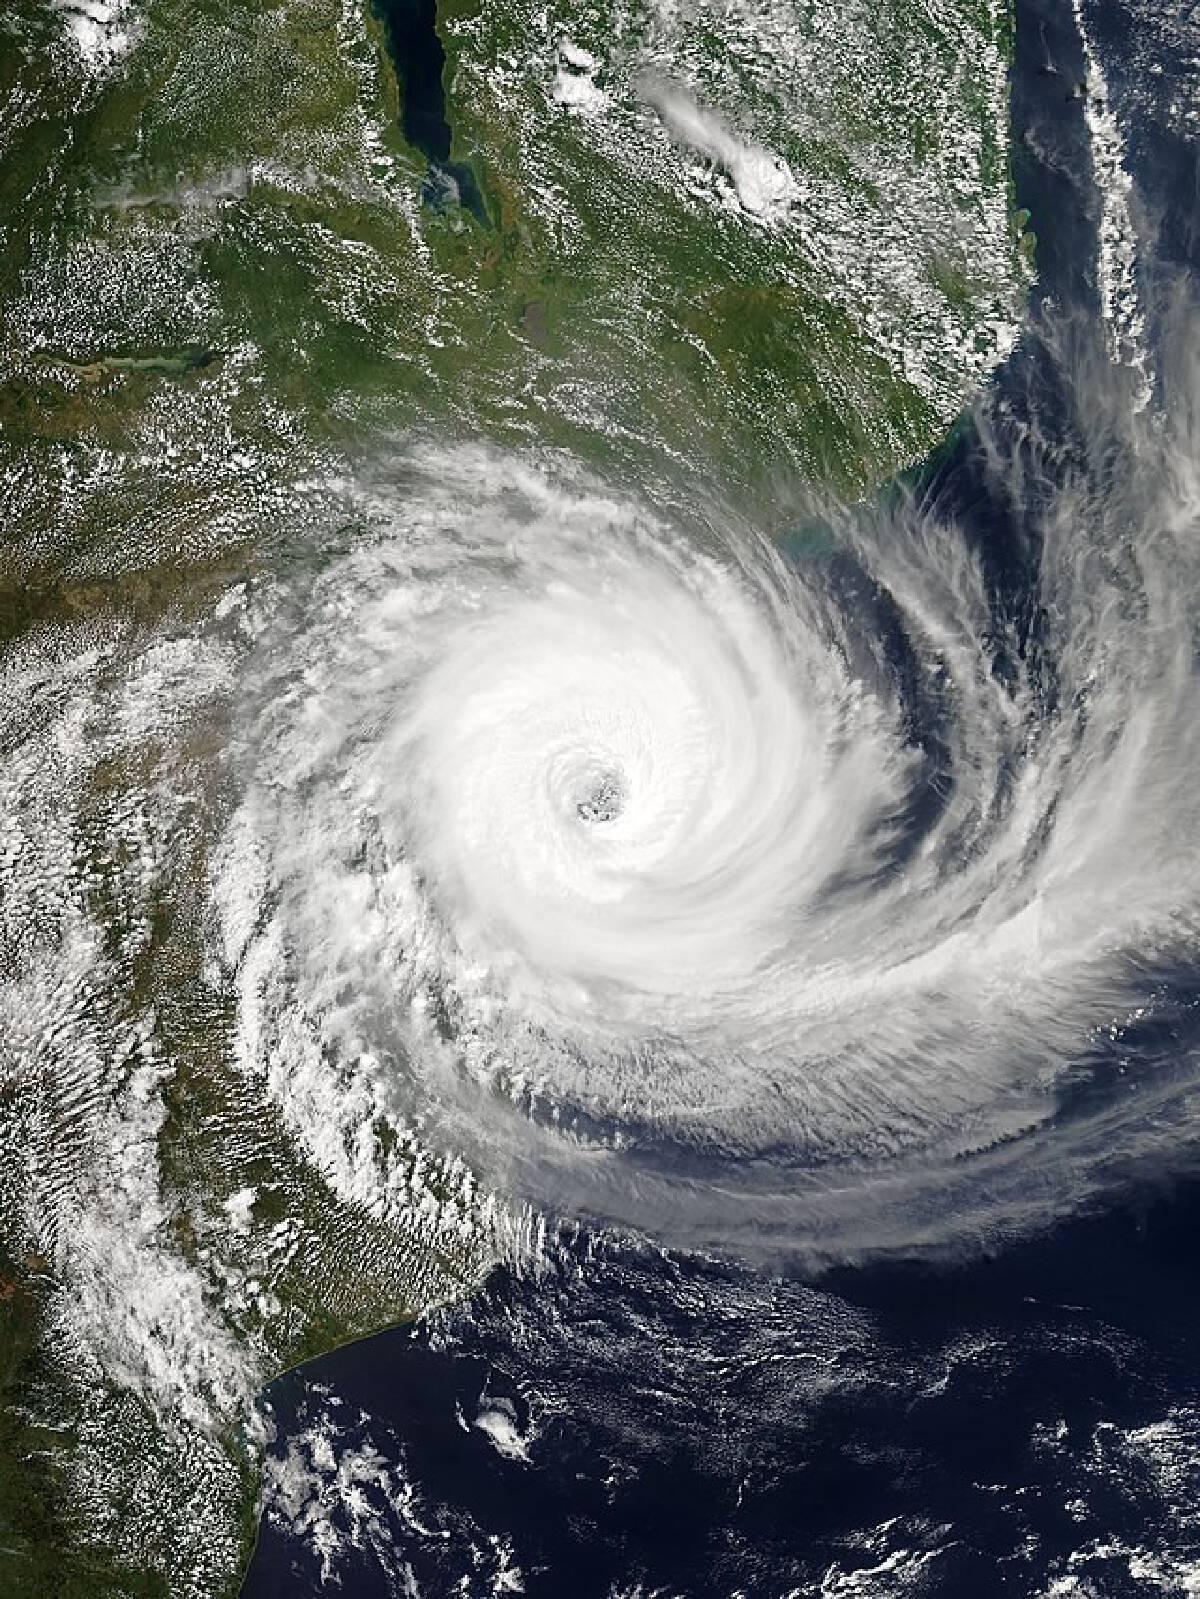 อุตุฯ ชี้'พายุโซเดล'เข้าใกล้ฝั่ง  24-25 ตุลานี้